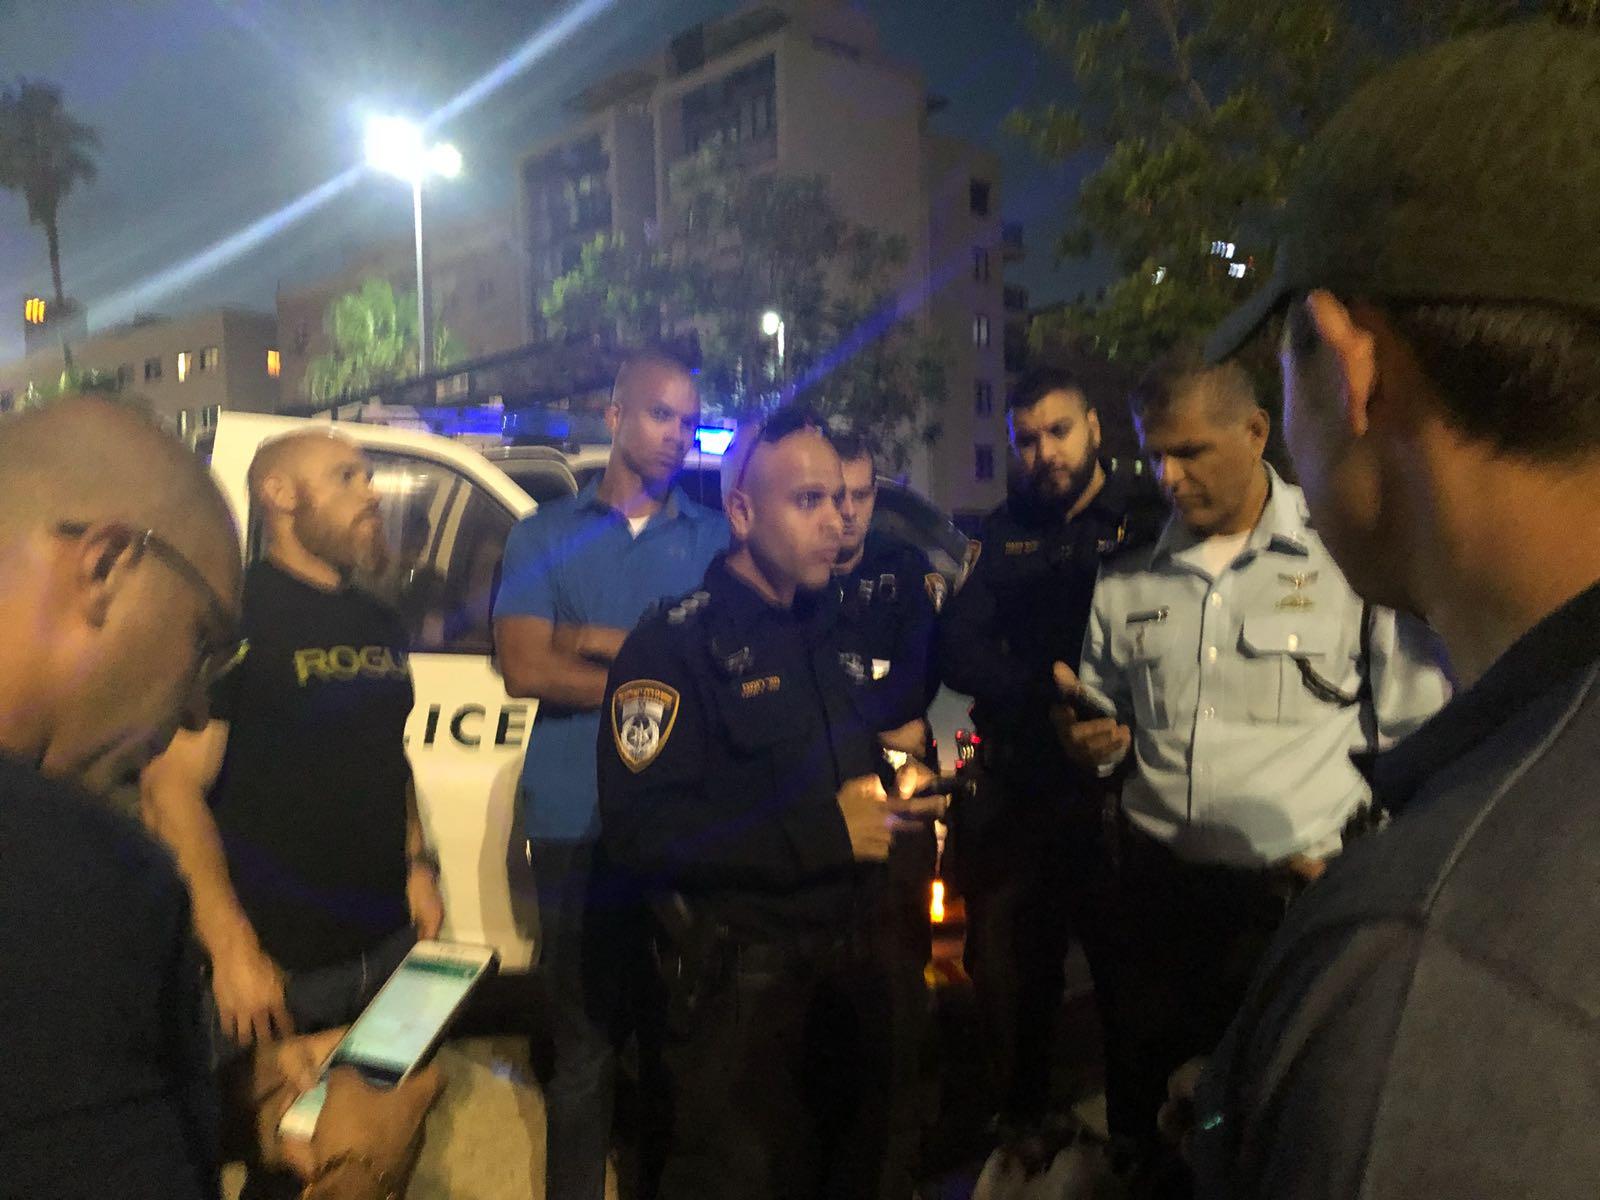 עימותים בתל אביב: ארבעה נפצעו ו-11 נעצרו